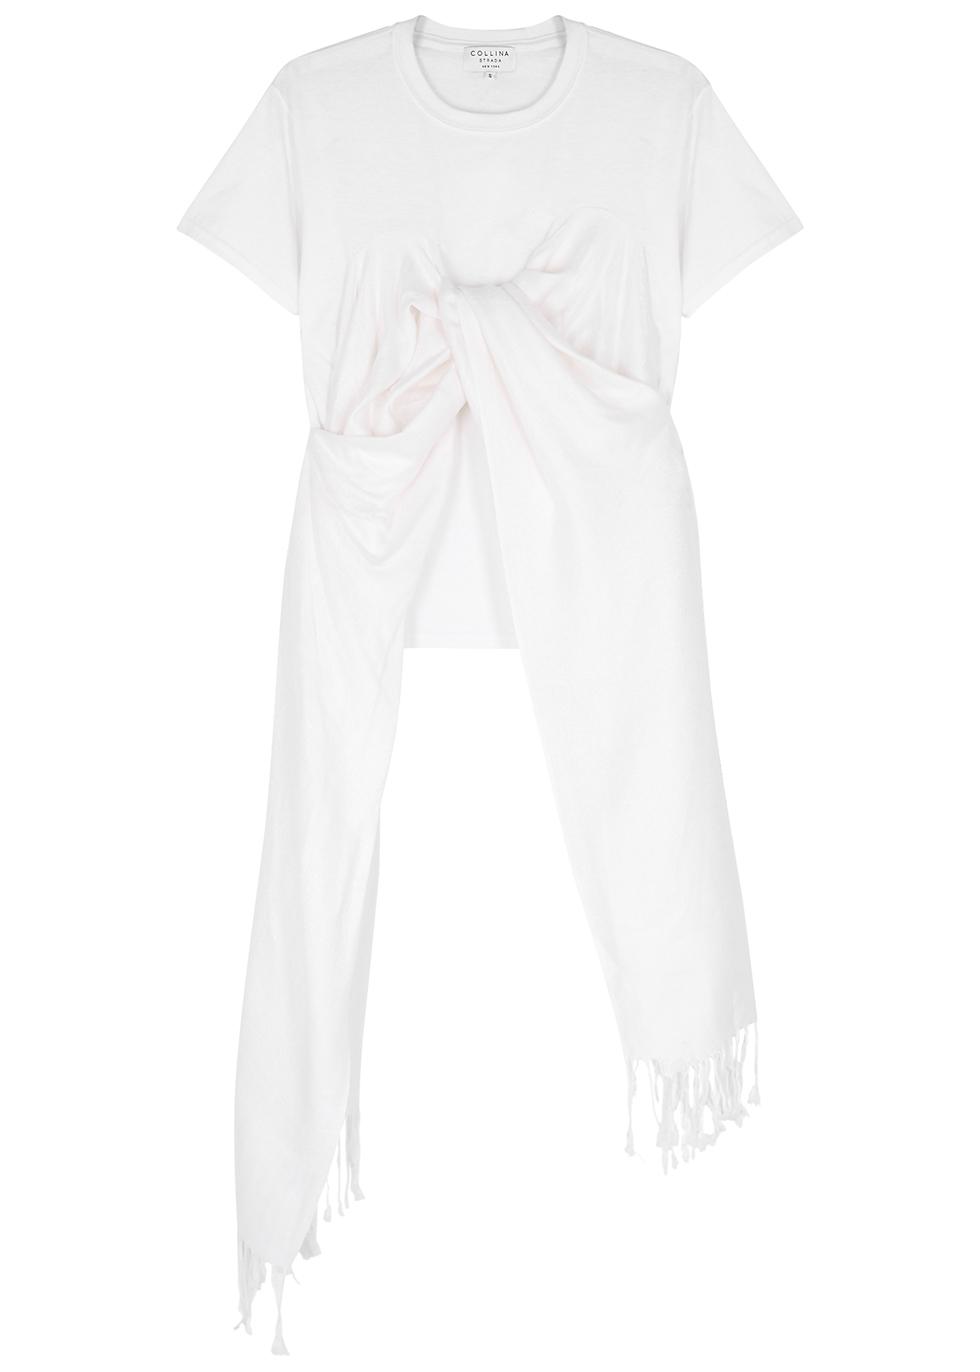 Pashmina white cotton T-shirt - Collina Strada